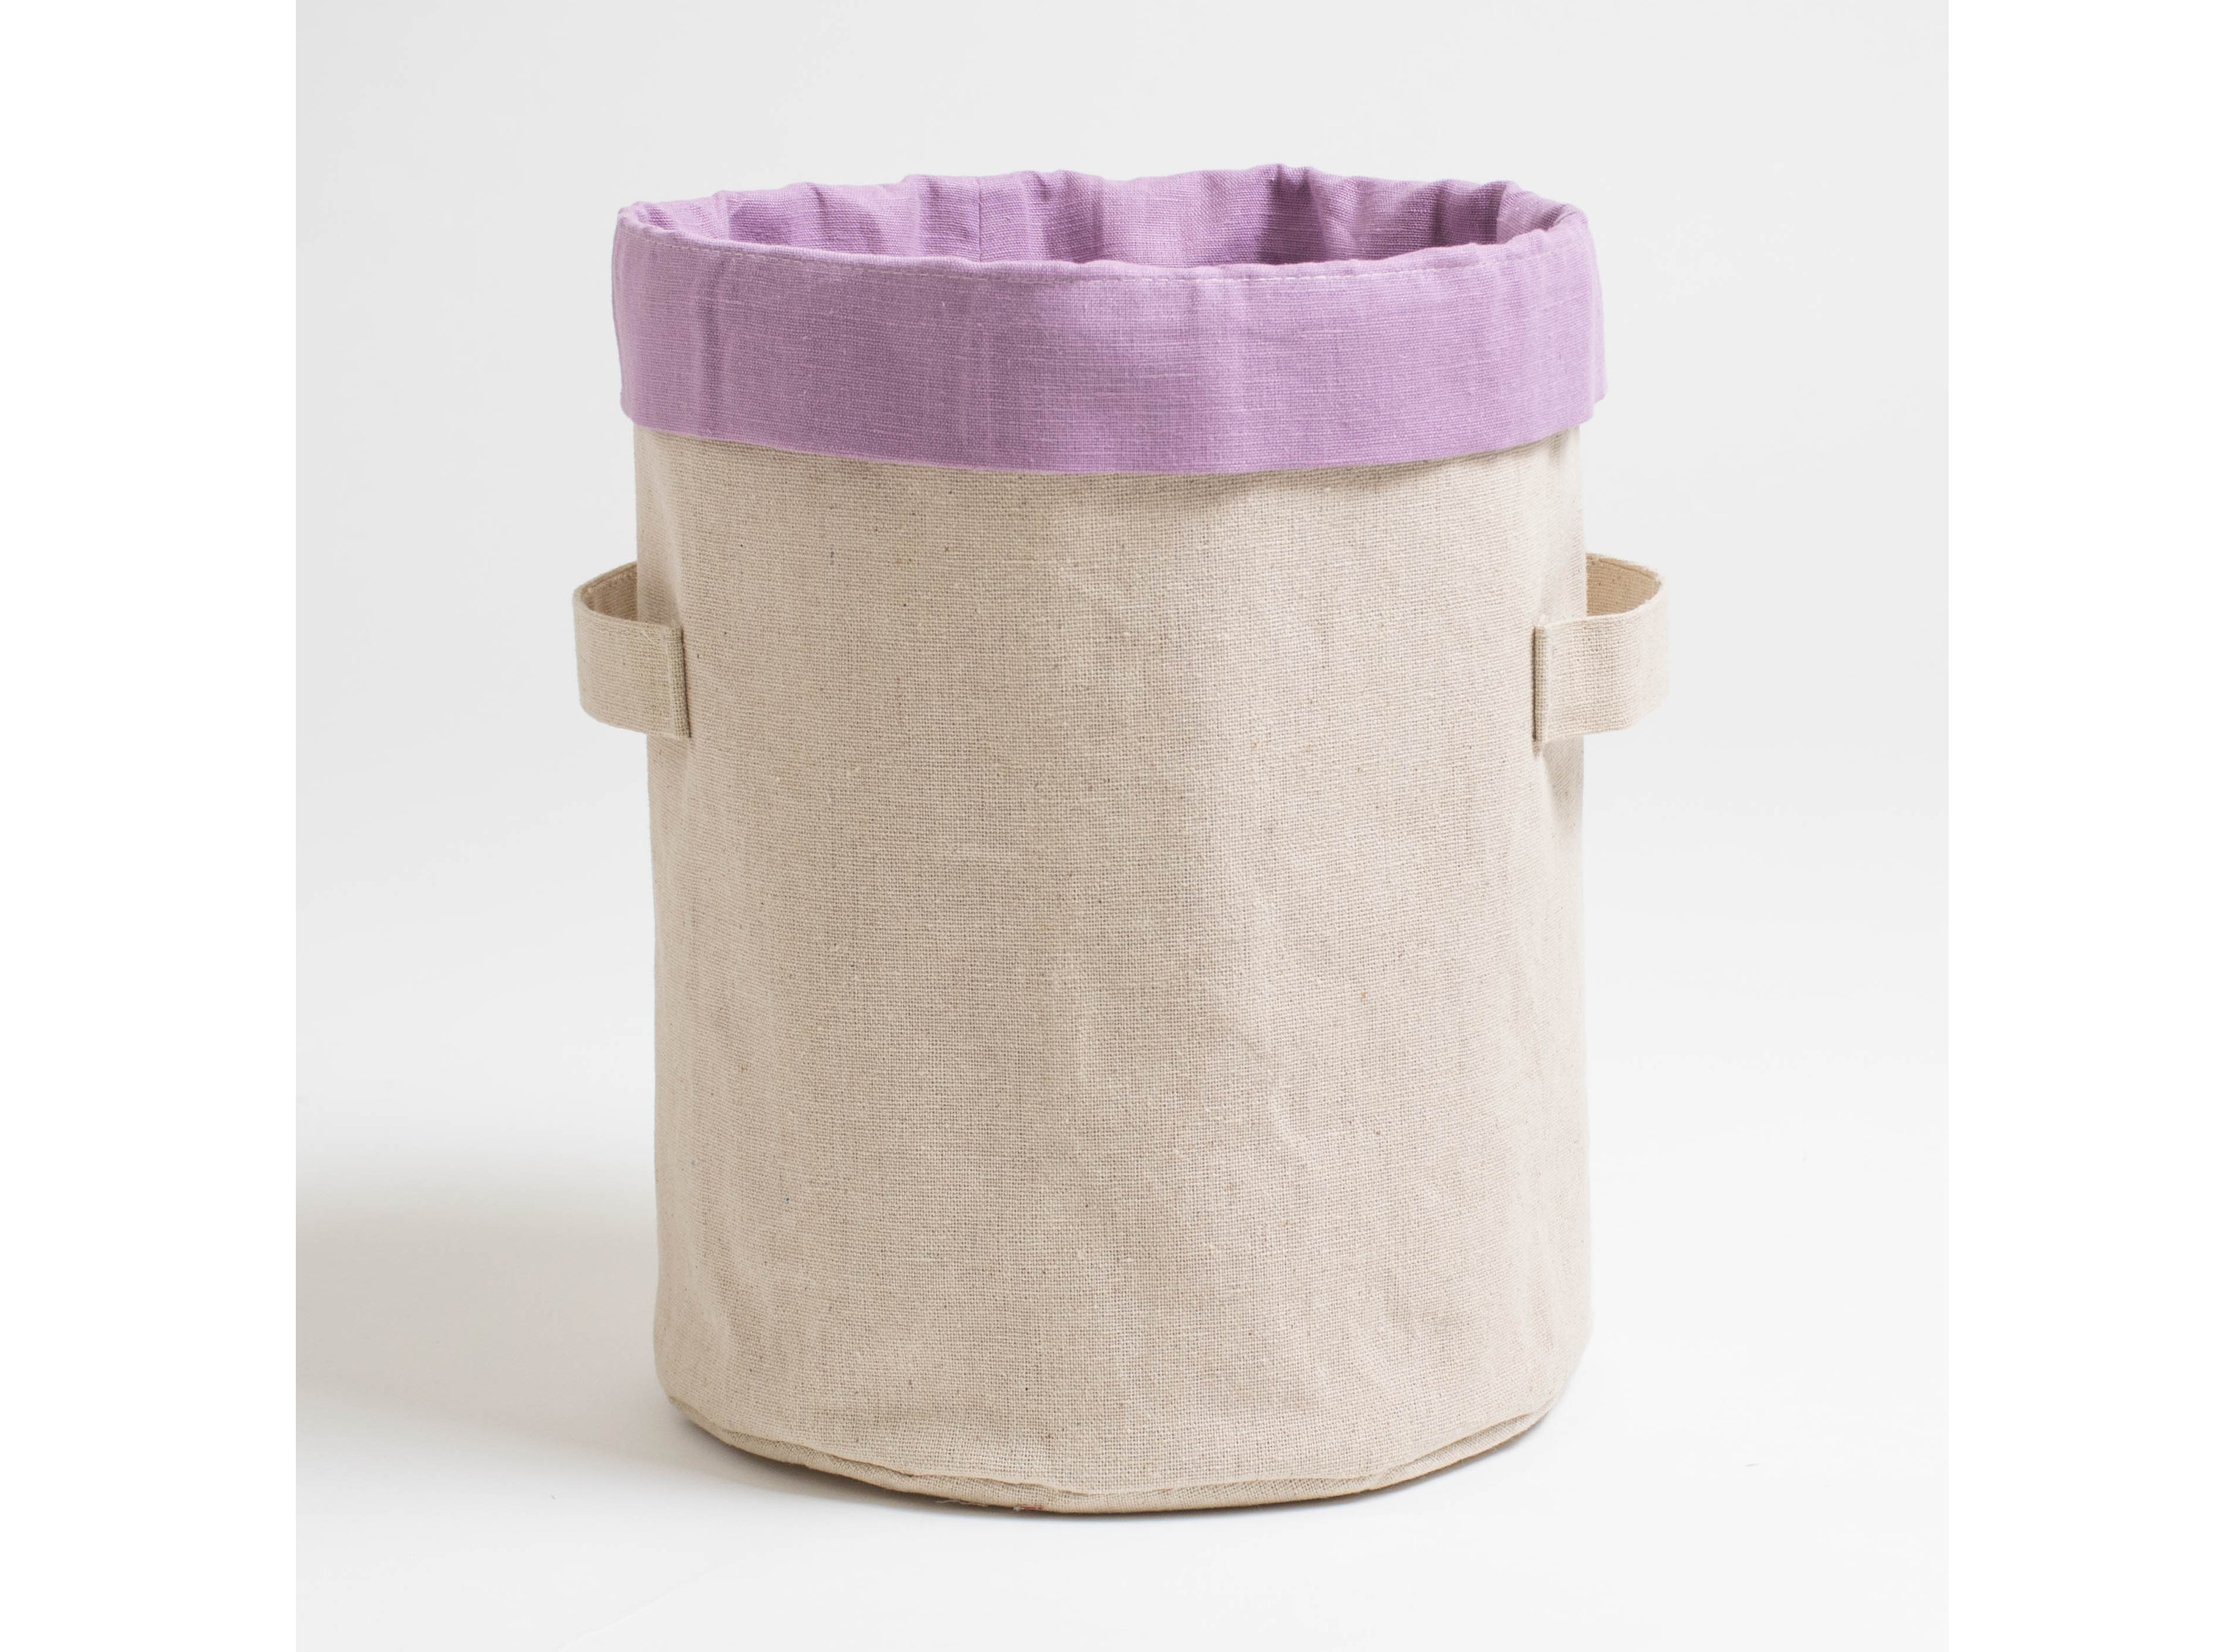 Короб круглый ПровансАксессуары для кухни<br>Цилиндрический короб «Прованс» из сурового льна с сиреневой вставкой из хлопкольна – красивый и вместительный, поможет стильно сервировать стол и содержать в порядке шкафчики. Благодаря высоте и круглому дну, эту цилиндрическую корзинку можно использовать для сервировки — подавать в ней растительные масла, бальзамико и соусы. Помимо этого, в коробе также удобно просто хранить различные бутылочки, как в шкафчике, так и на открытых полках.<br><br>Соберите коллекцию из цилиндрических коробов с декоративными ободками разного цвета и рассортируйте в них разные мелочи, которым обычно очень сложно найти место в доме: нитки, тюбики с кремами, детские мелкие игрушки, зарядки для гаджетов и другое.<br><br>Material: Хлопок<br>Height см: 27<br>Diameter см: 22